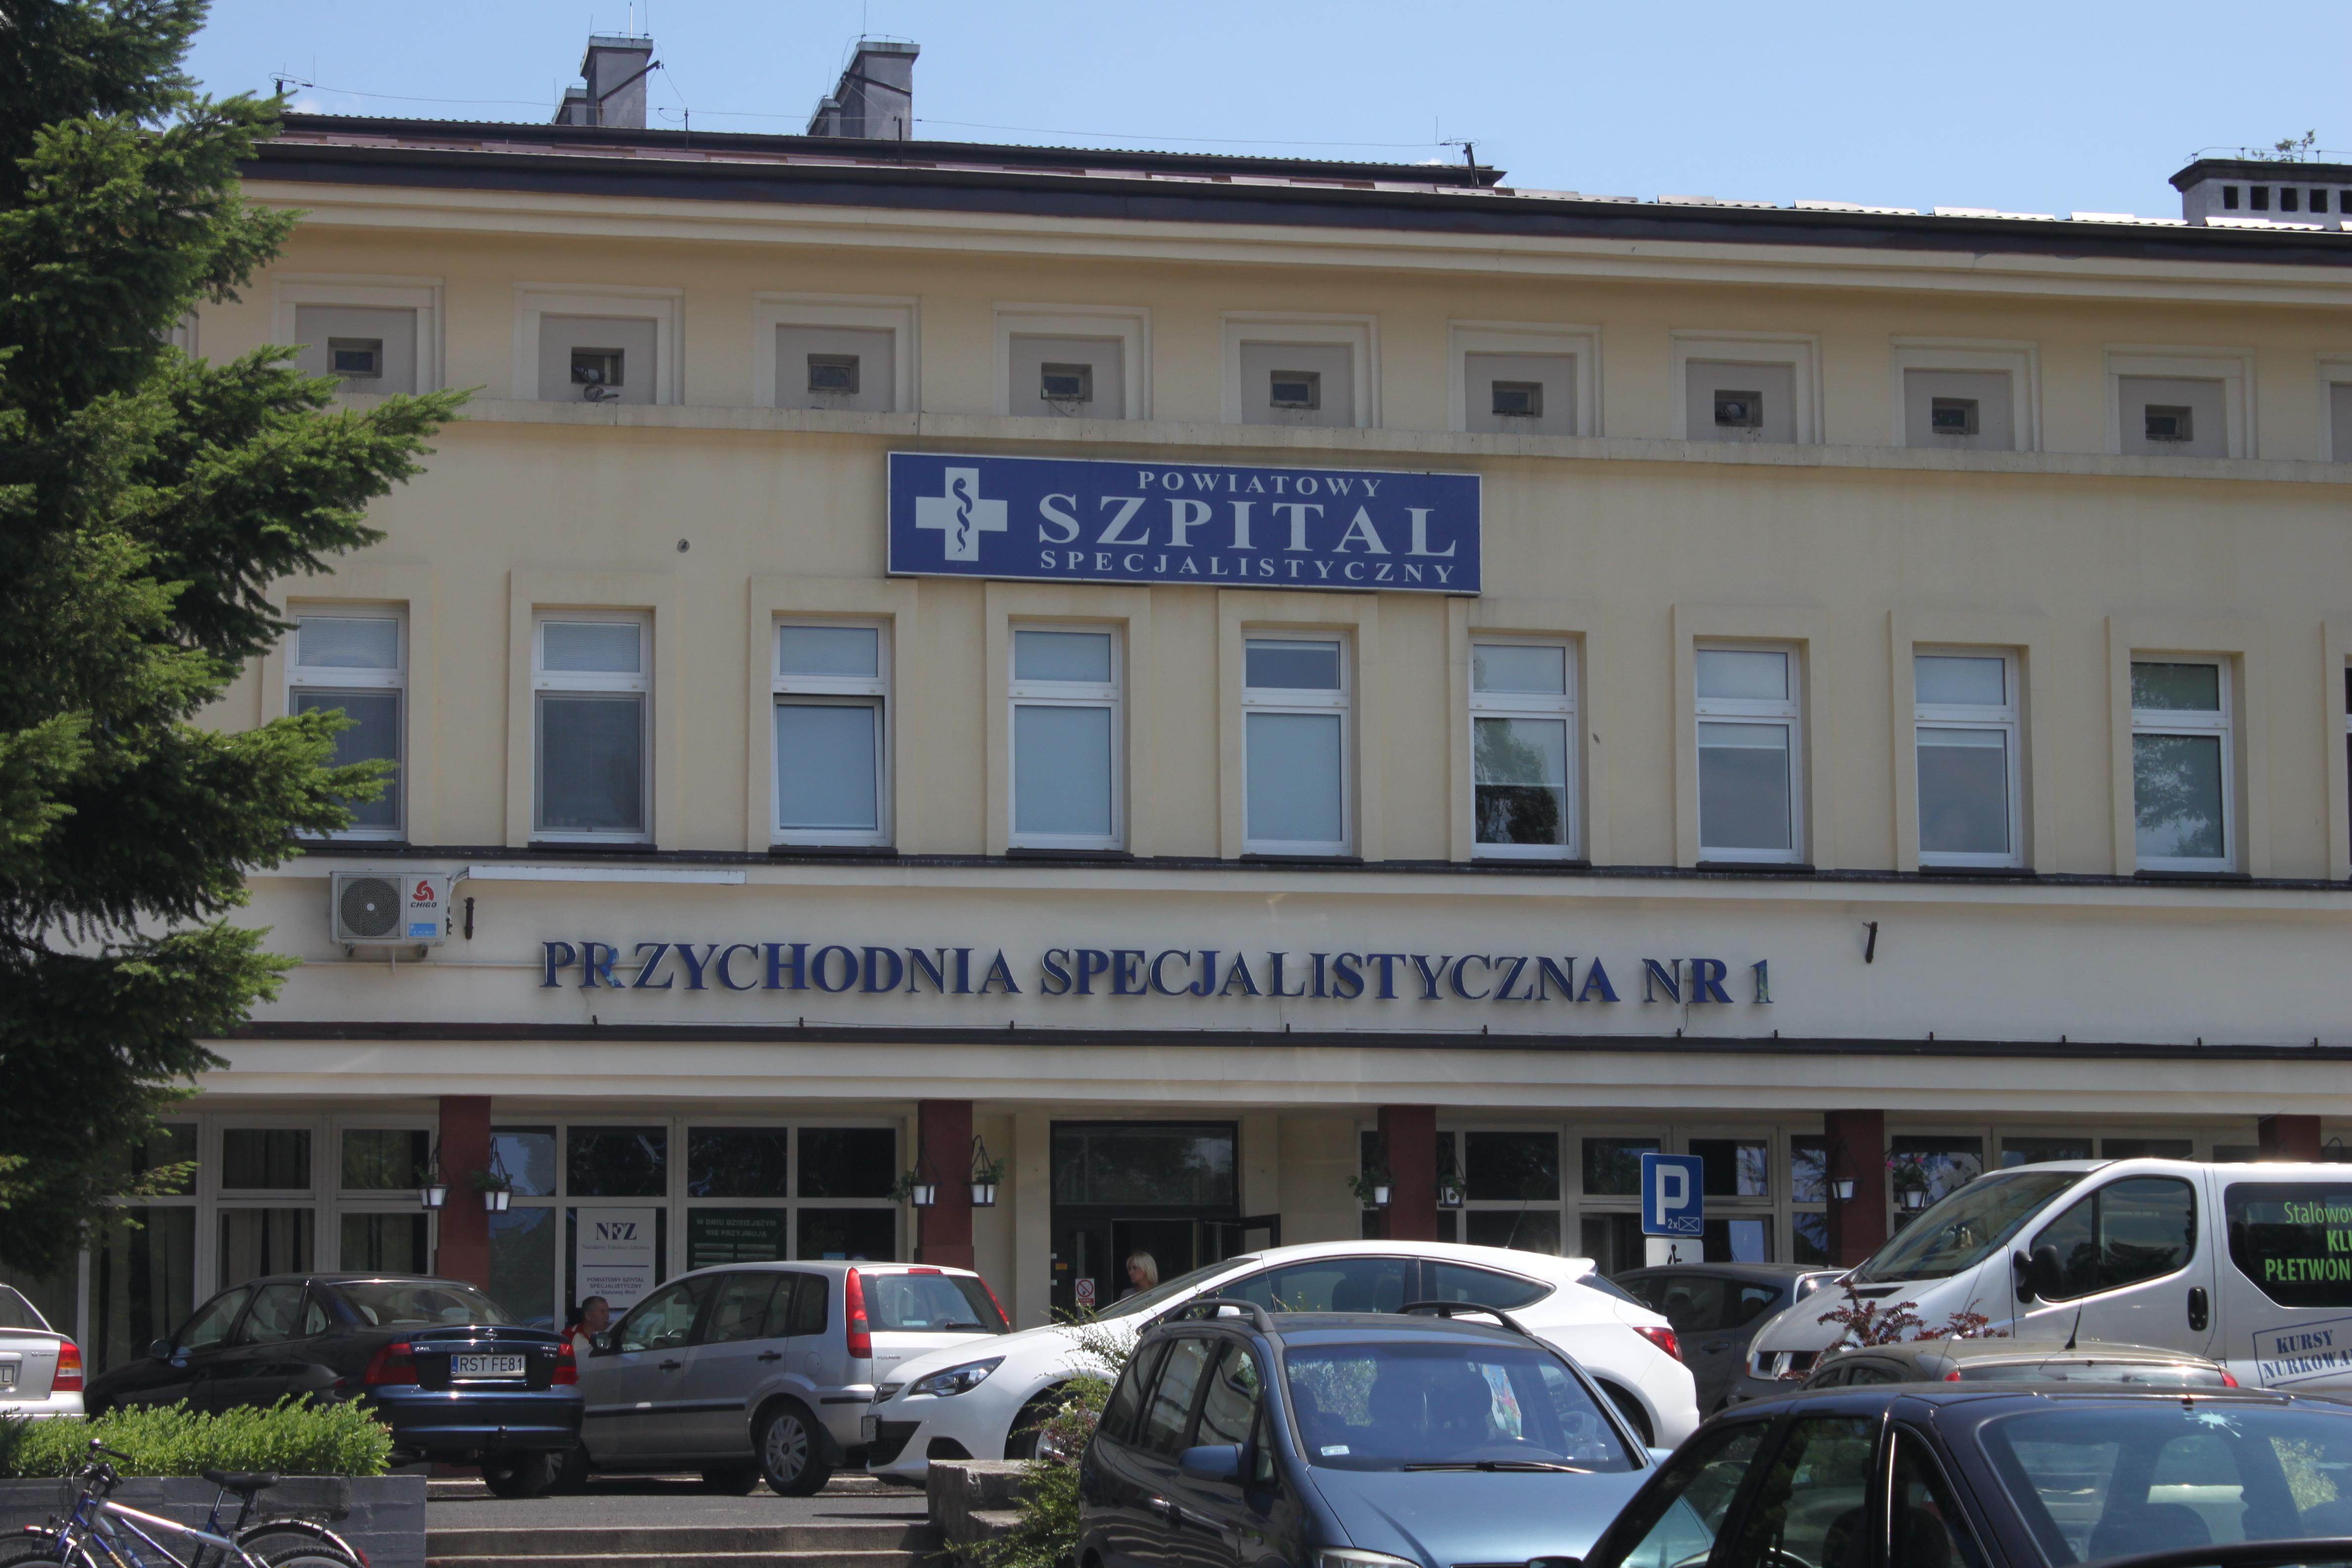 Wstrzymano przyjęcia pacjentów do szpitala w Stalowej Woli. 61 pielęgniarek na chorobowym